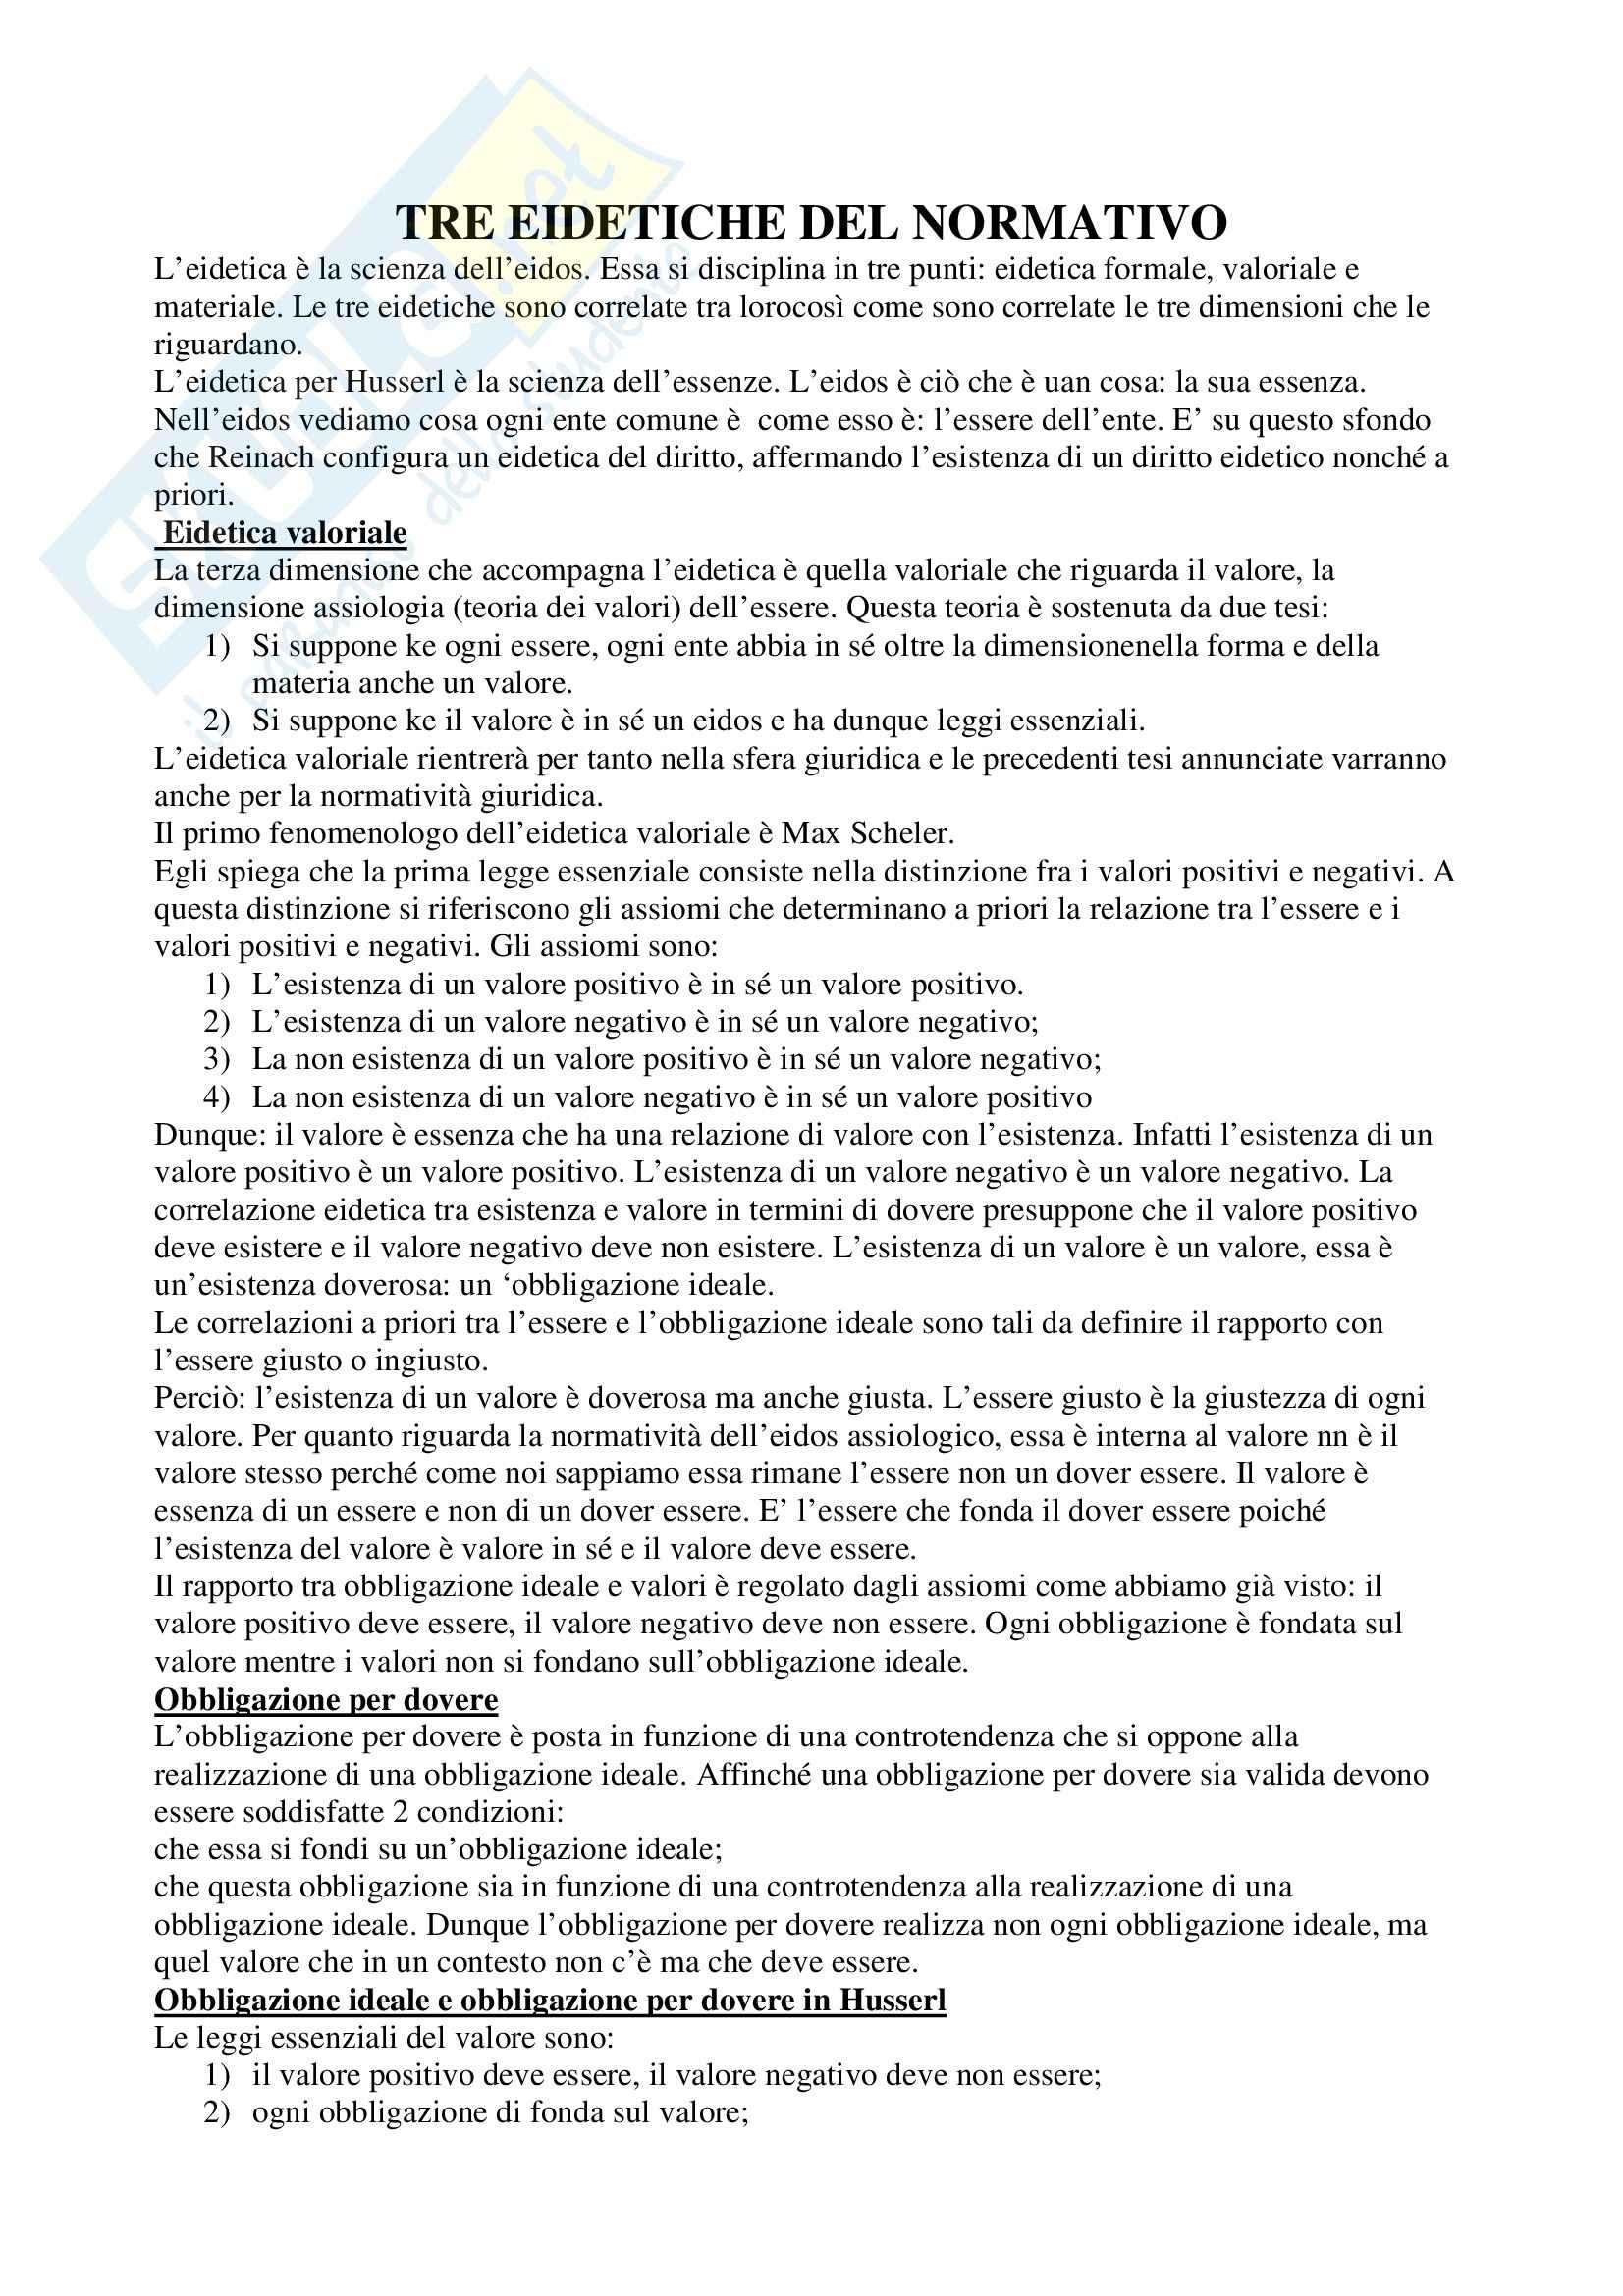 Riassunto esame Filosofia del Diritto, prof. indefinito, libro consigliato Tre Eidetiche del Normativo, Radbruch